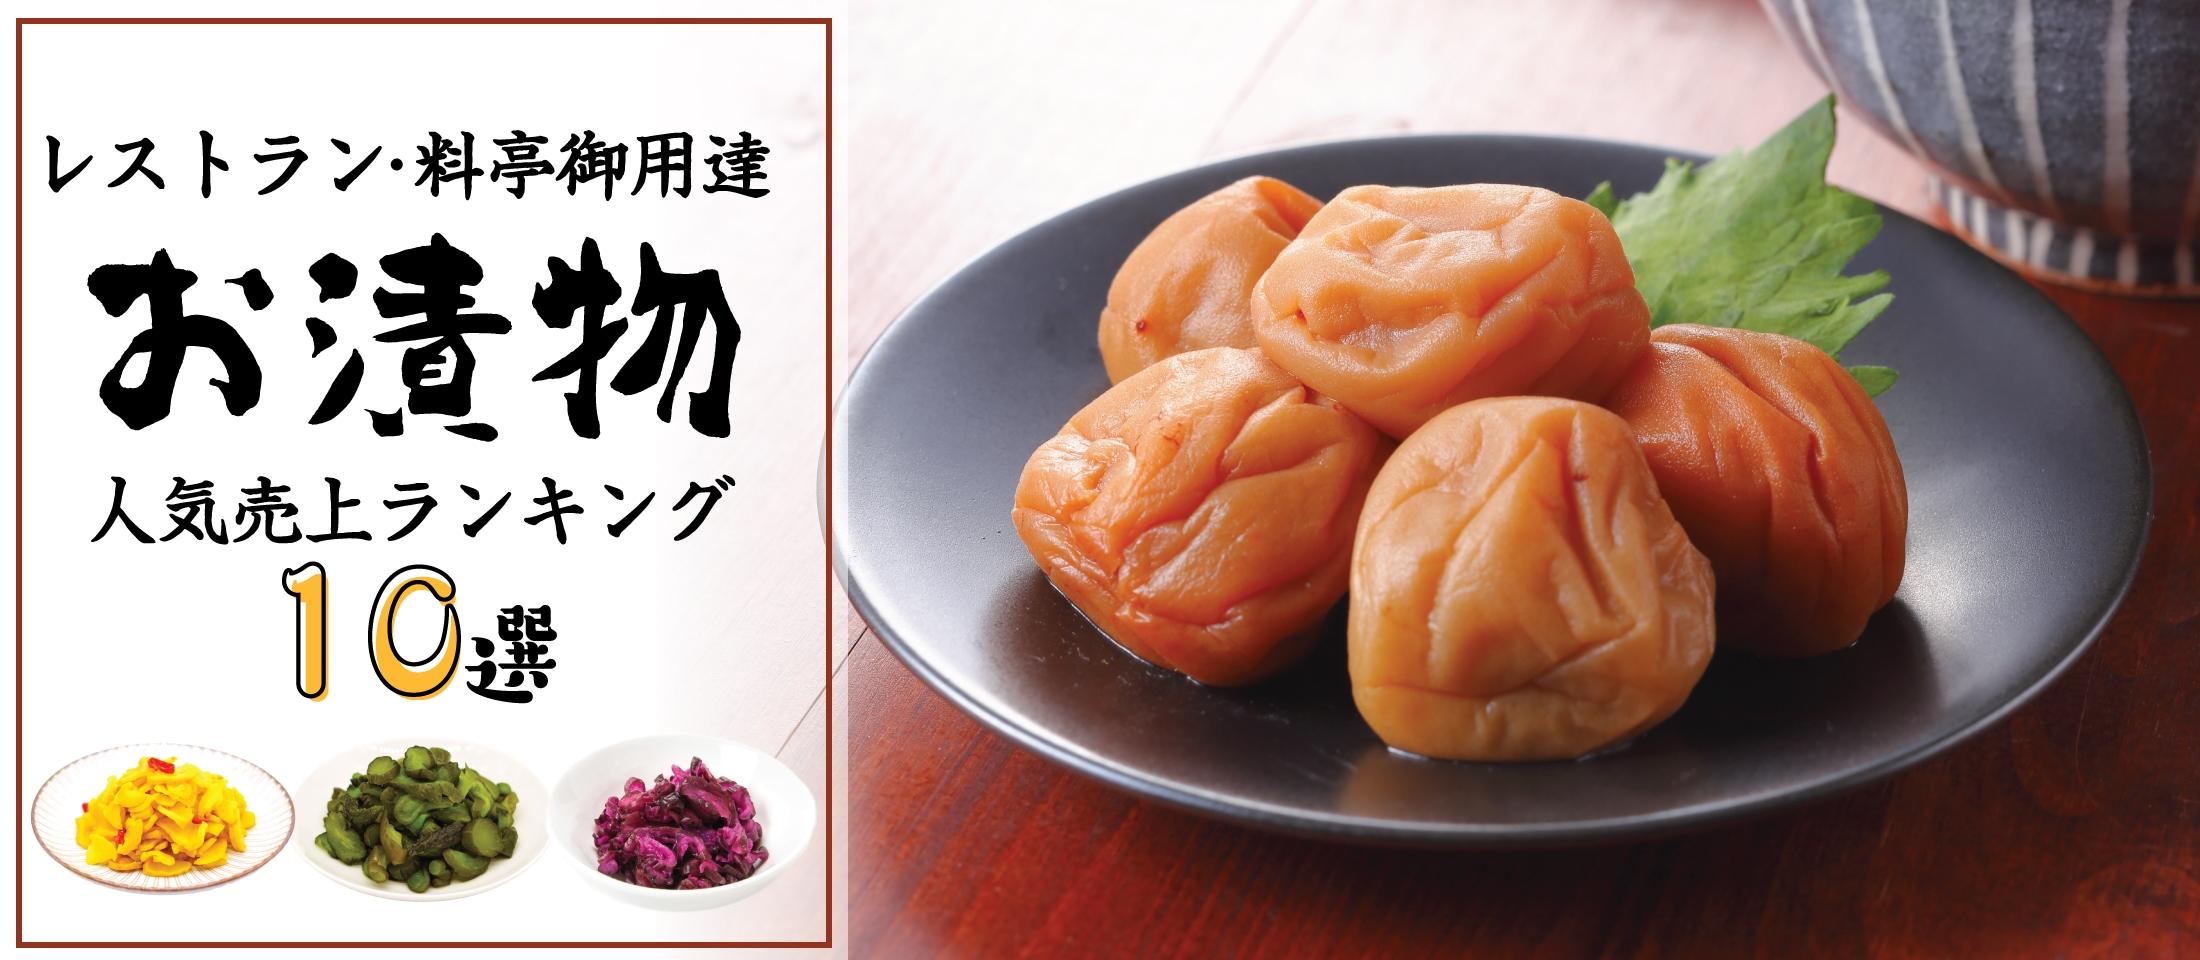 プロ仕様 漬物ランキング10選  業務用食品・冷凍食品の通販 |ナカヤマフーズ